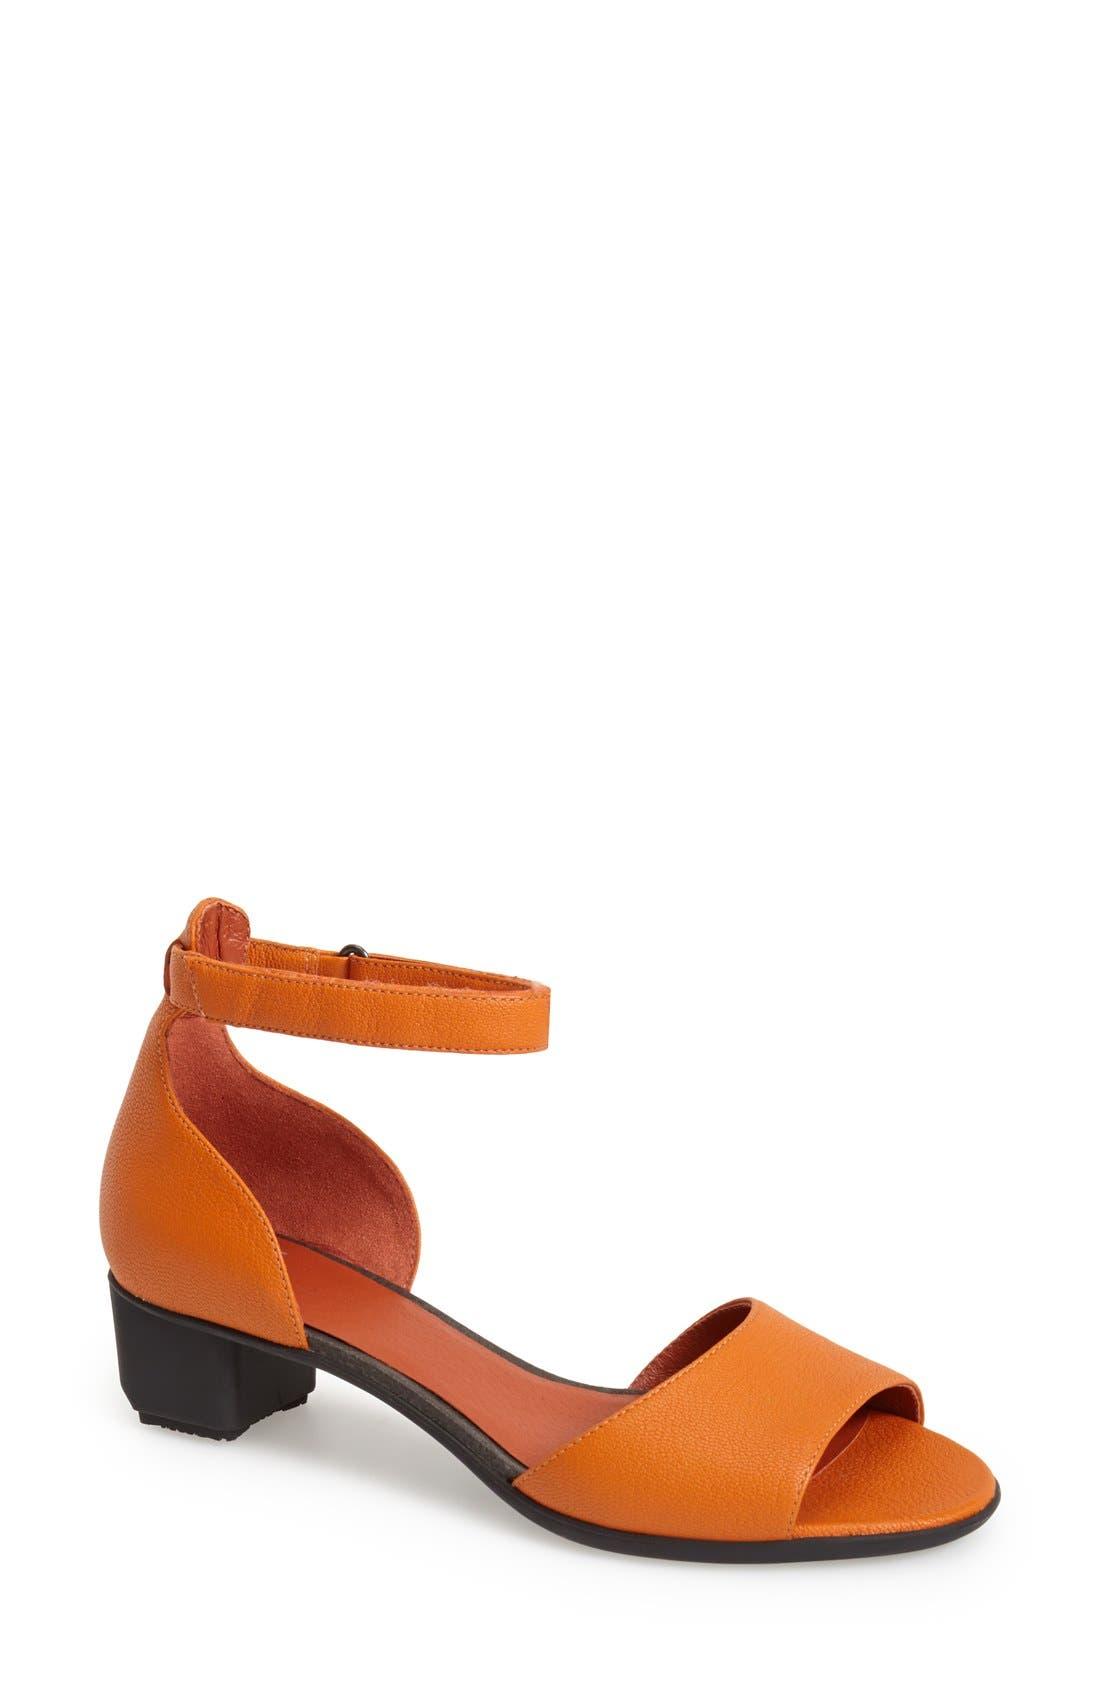 Alternate Image 1 Selected - Camper 'Beth' Ankle Strap Sandal (Women)